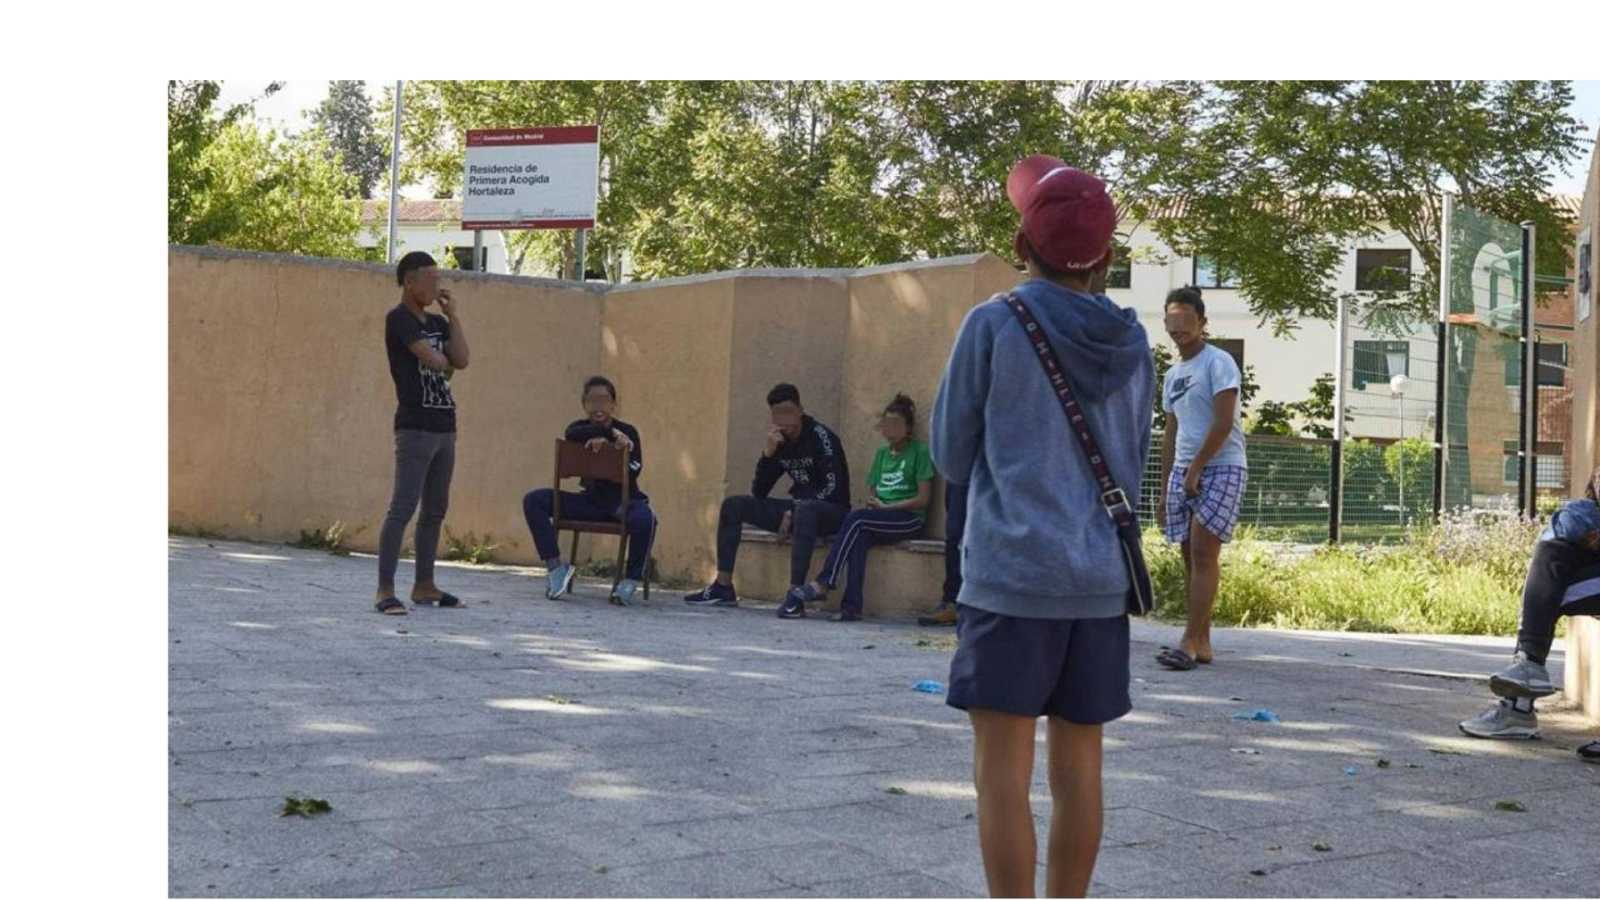 Futuro abierto - Centros de menores tutelados - 04/10/20 - escuchar ahora